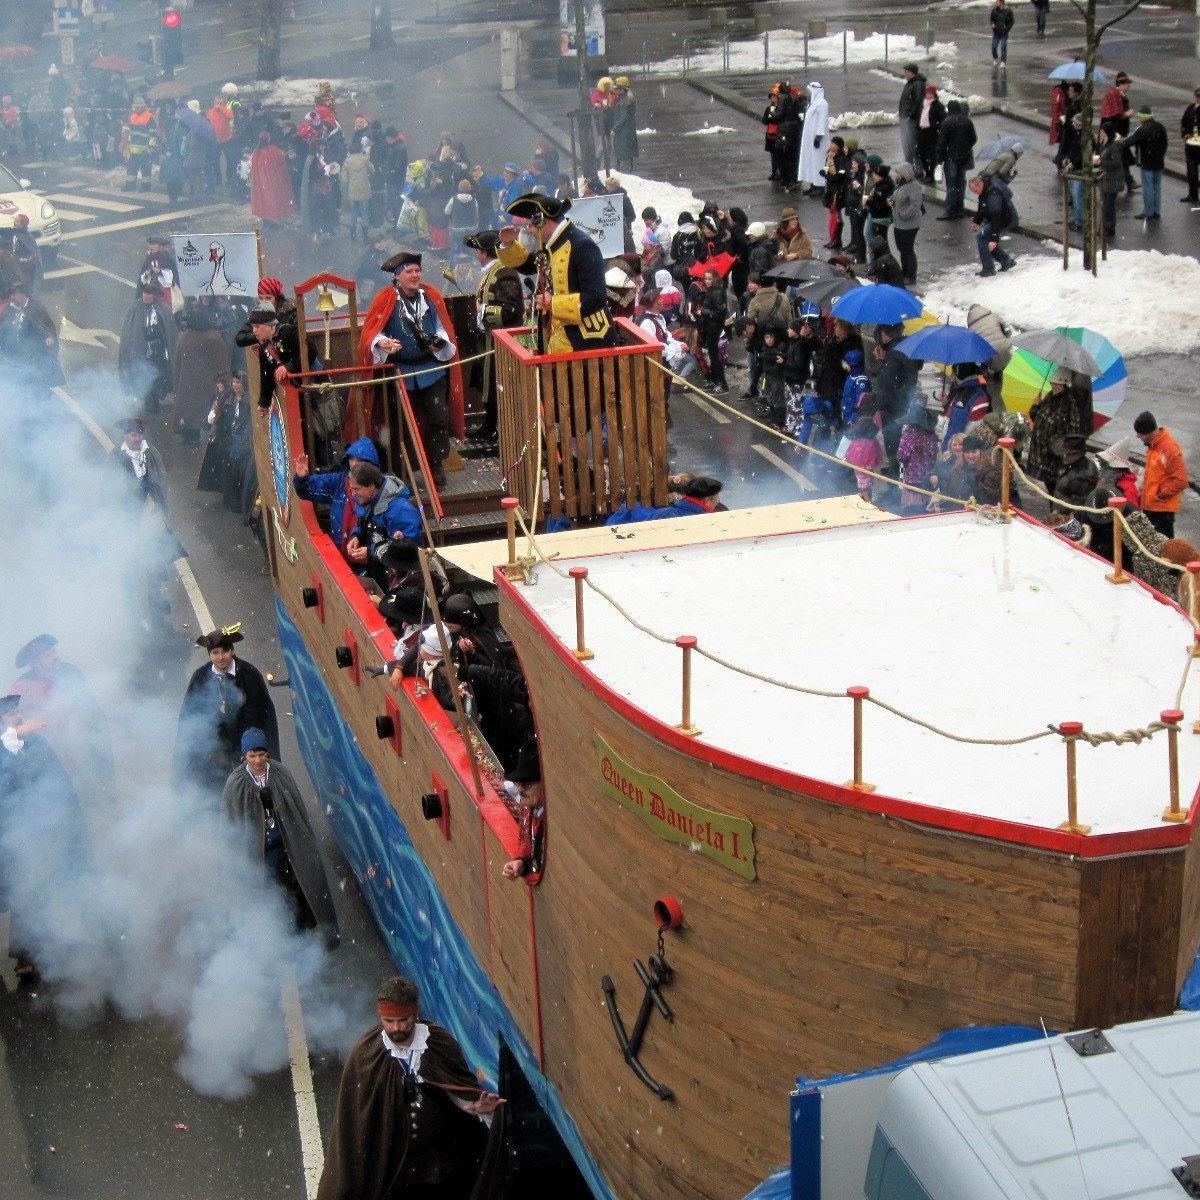 Auf dem Piratenboot grüßte das Prinzenpaar sein närrisches Volk